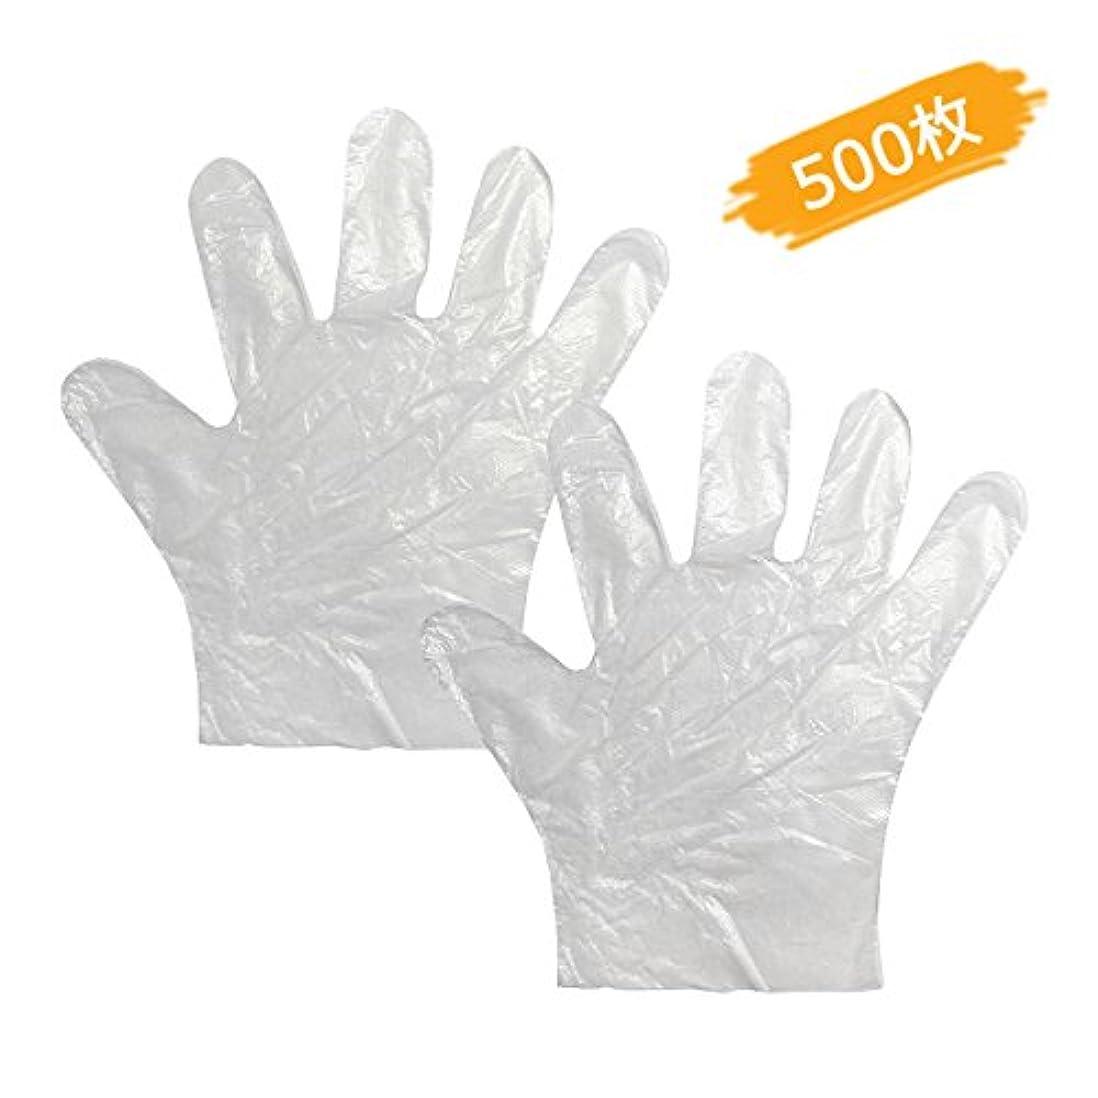 パノラマ以降鉛筆使い捨て手袋 極薄ビニール手袋 調理 透明 実用 衛生 500枚入